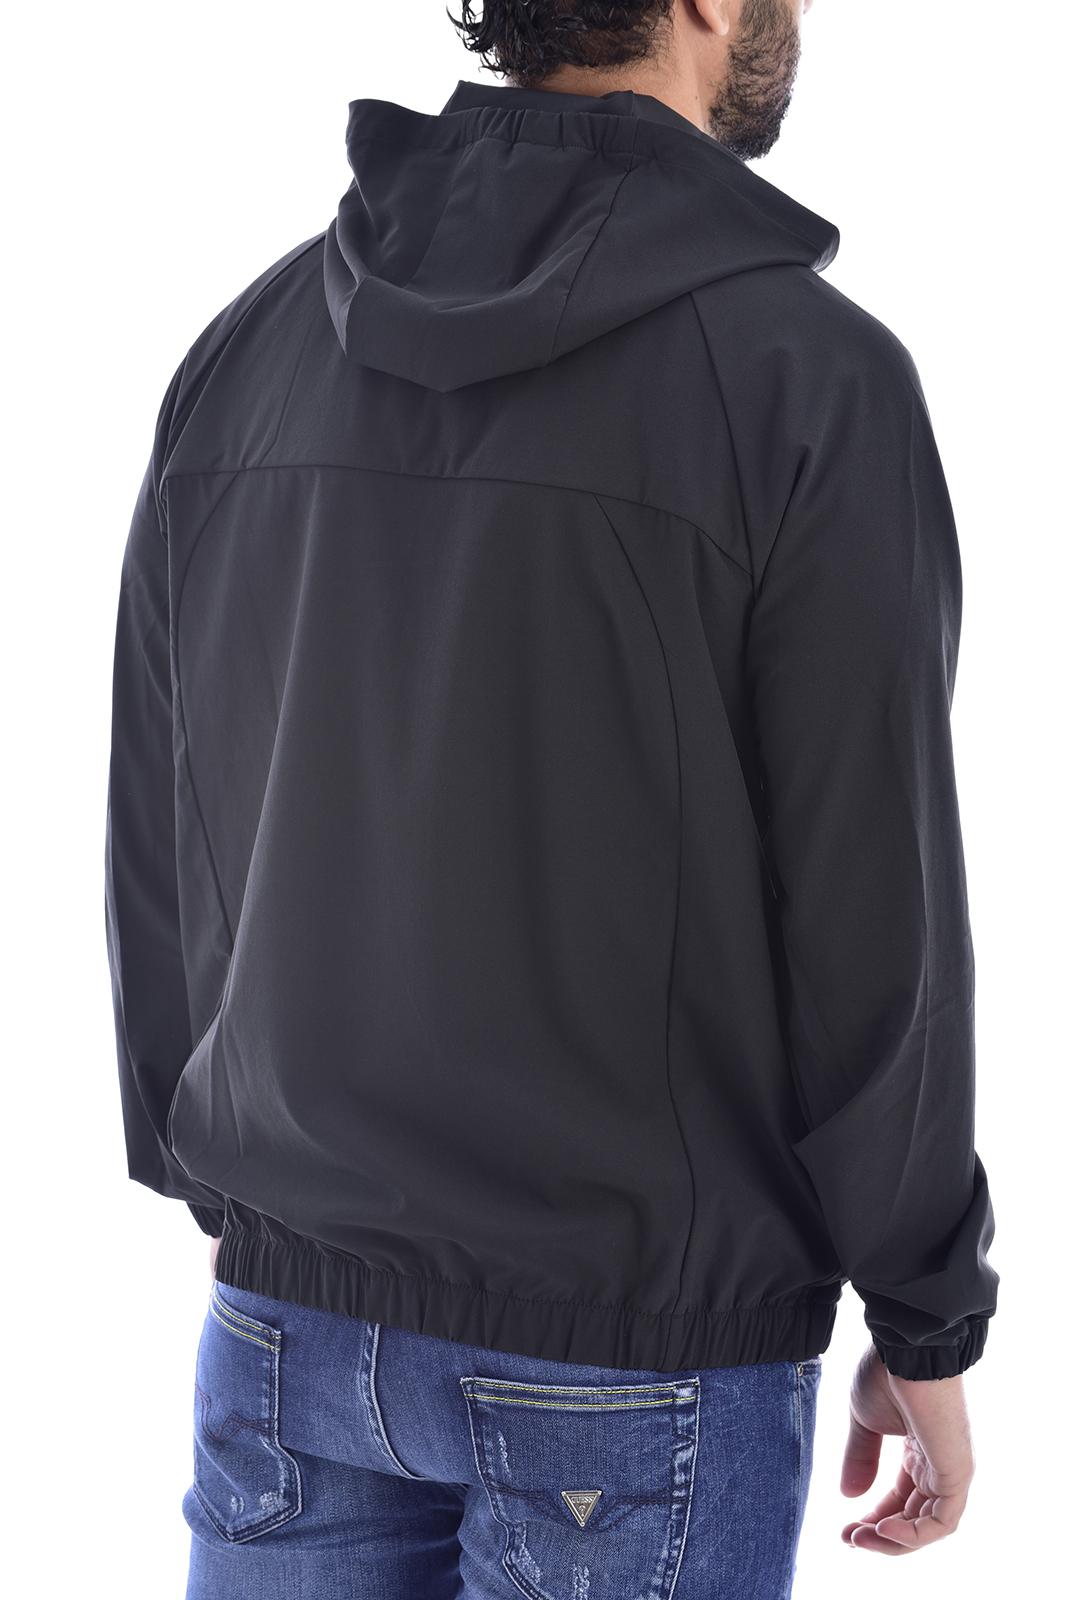 Vestes zippées  Lacoste BH1803 C31 BLACK